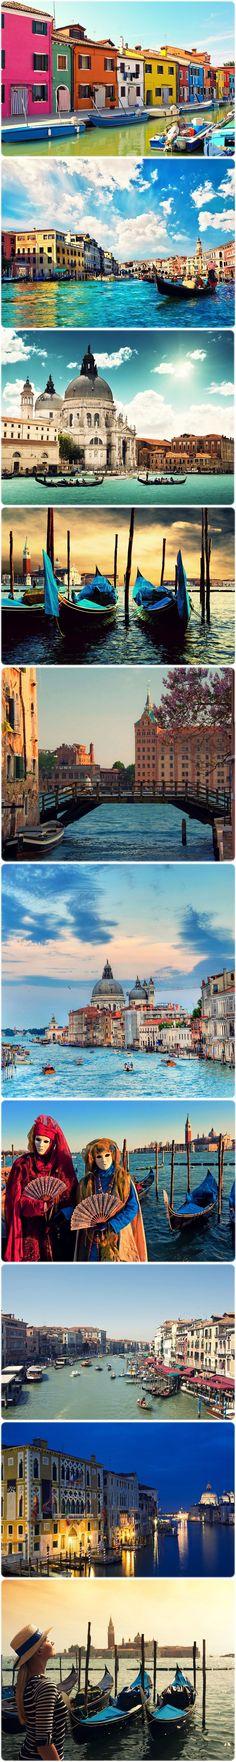 Venice, Italy Hotels | otel.com